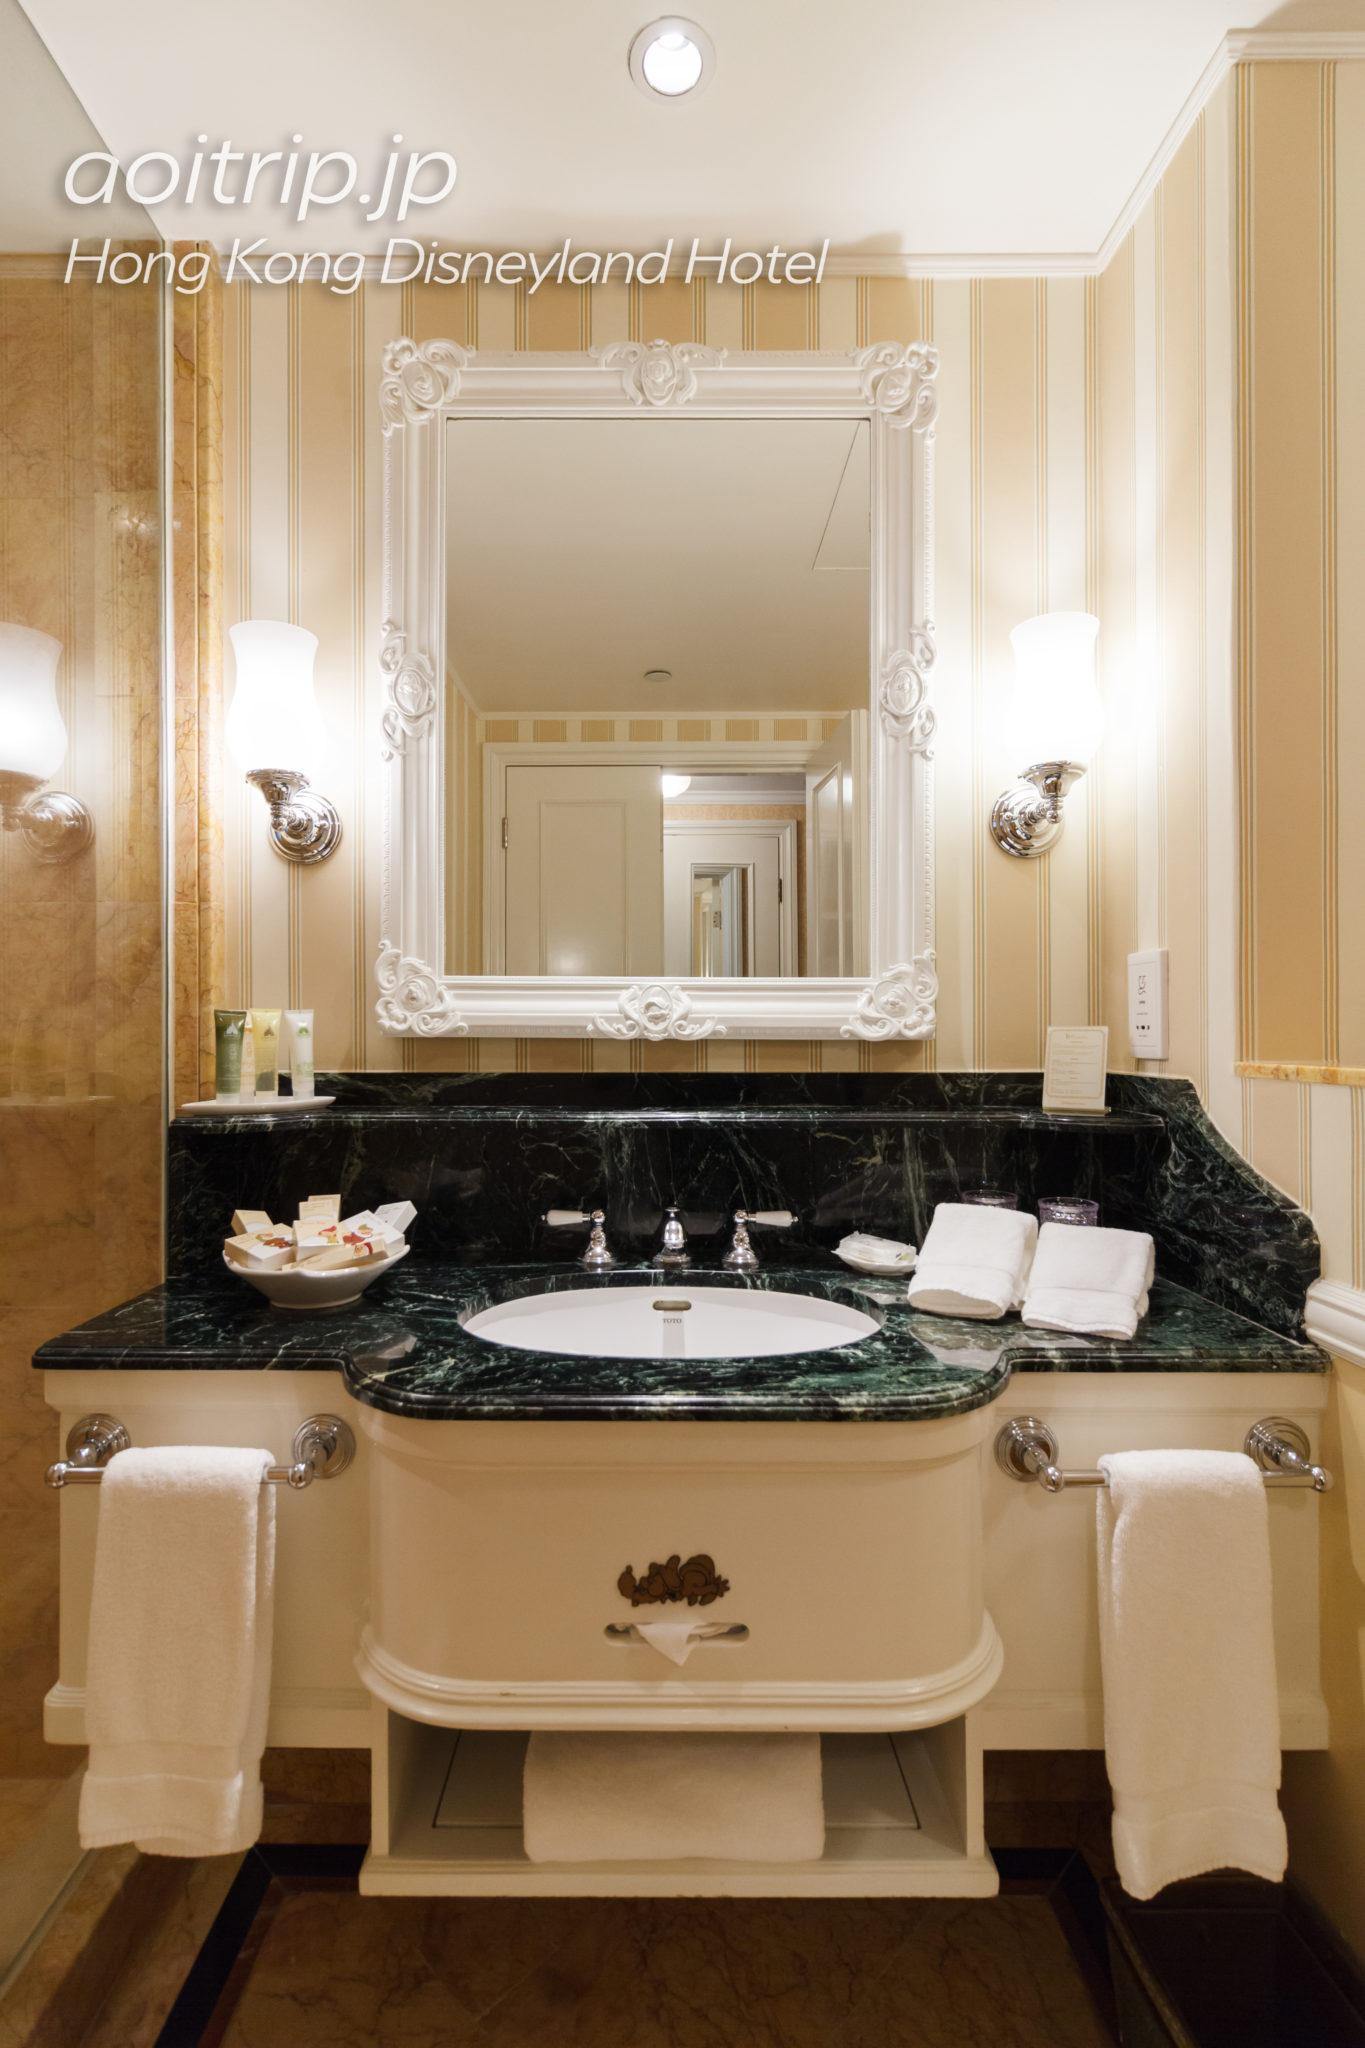 香港ディズニーランドホテルのバスルーム